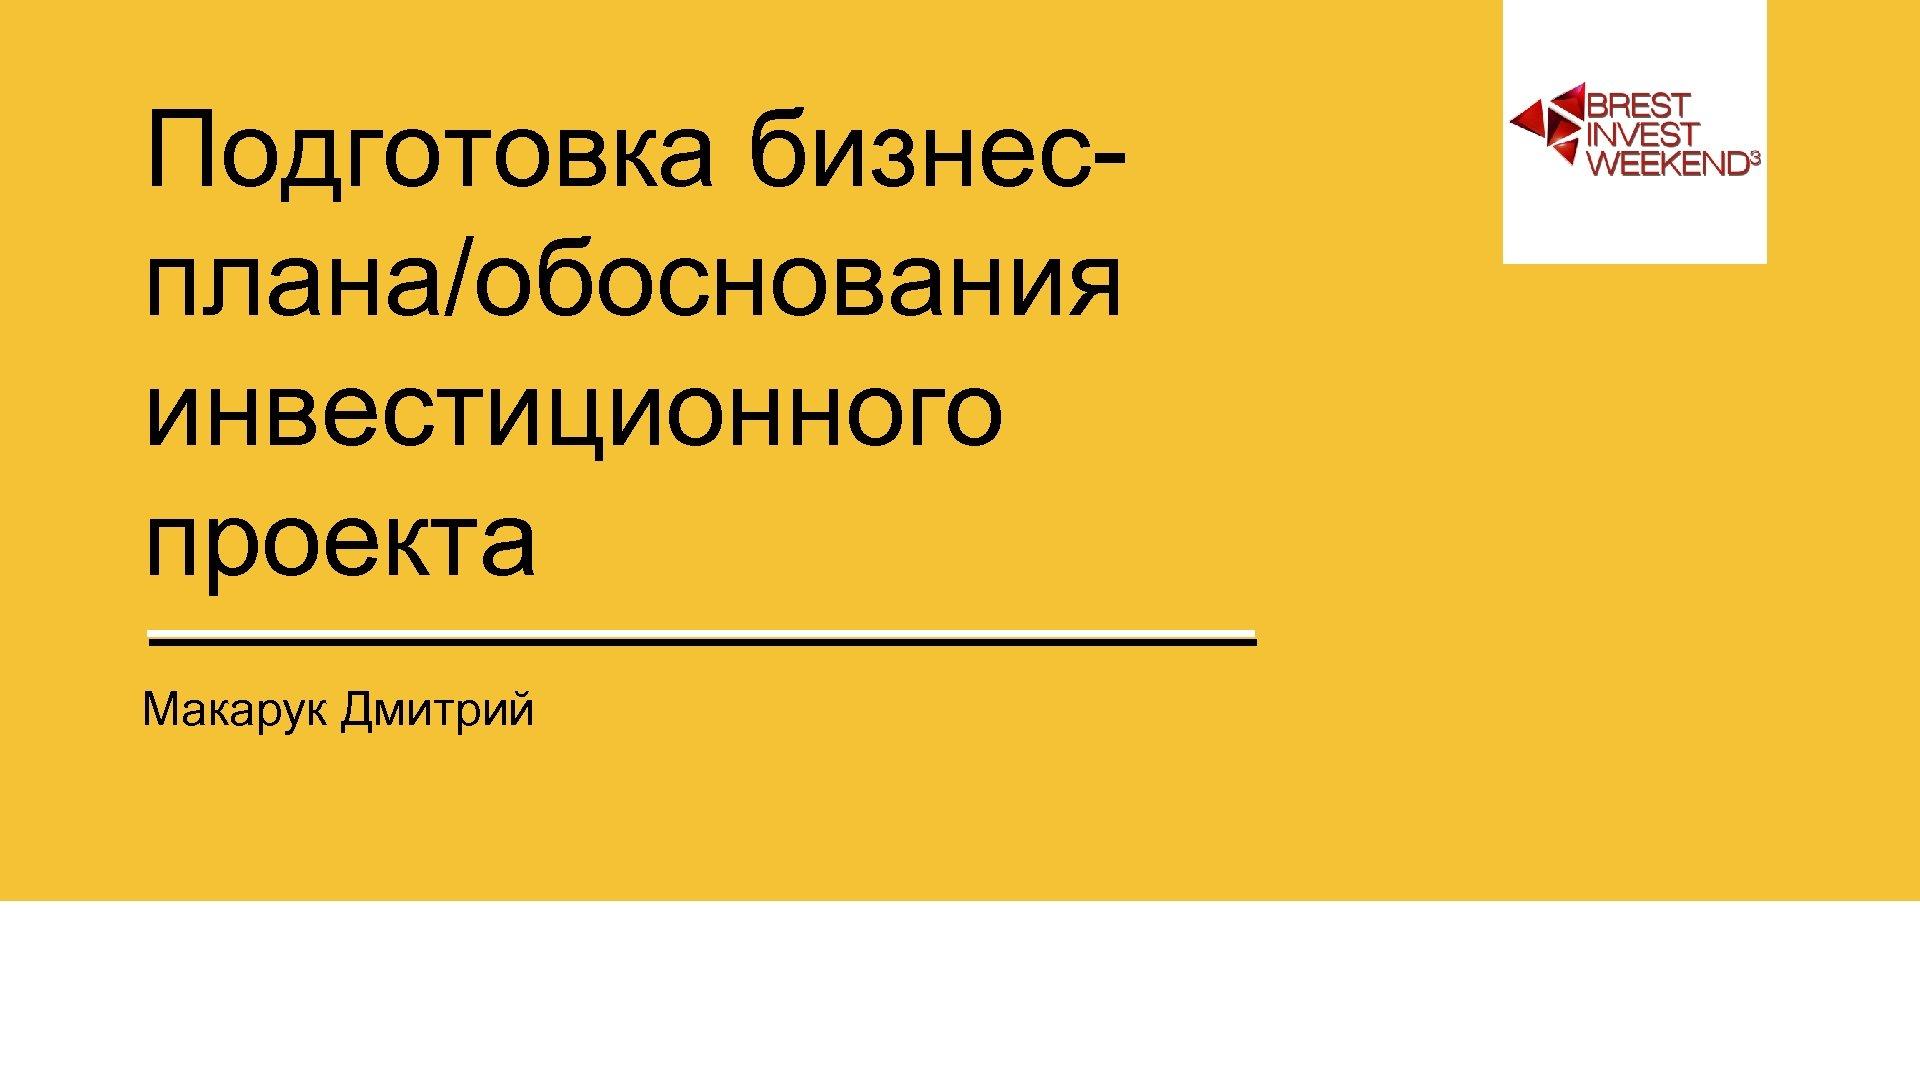 Подготовка бизнесплана/обоснования инвестиционного проекта Макарук Дмитрий